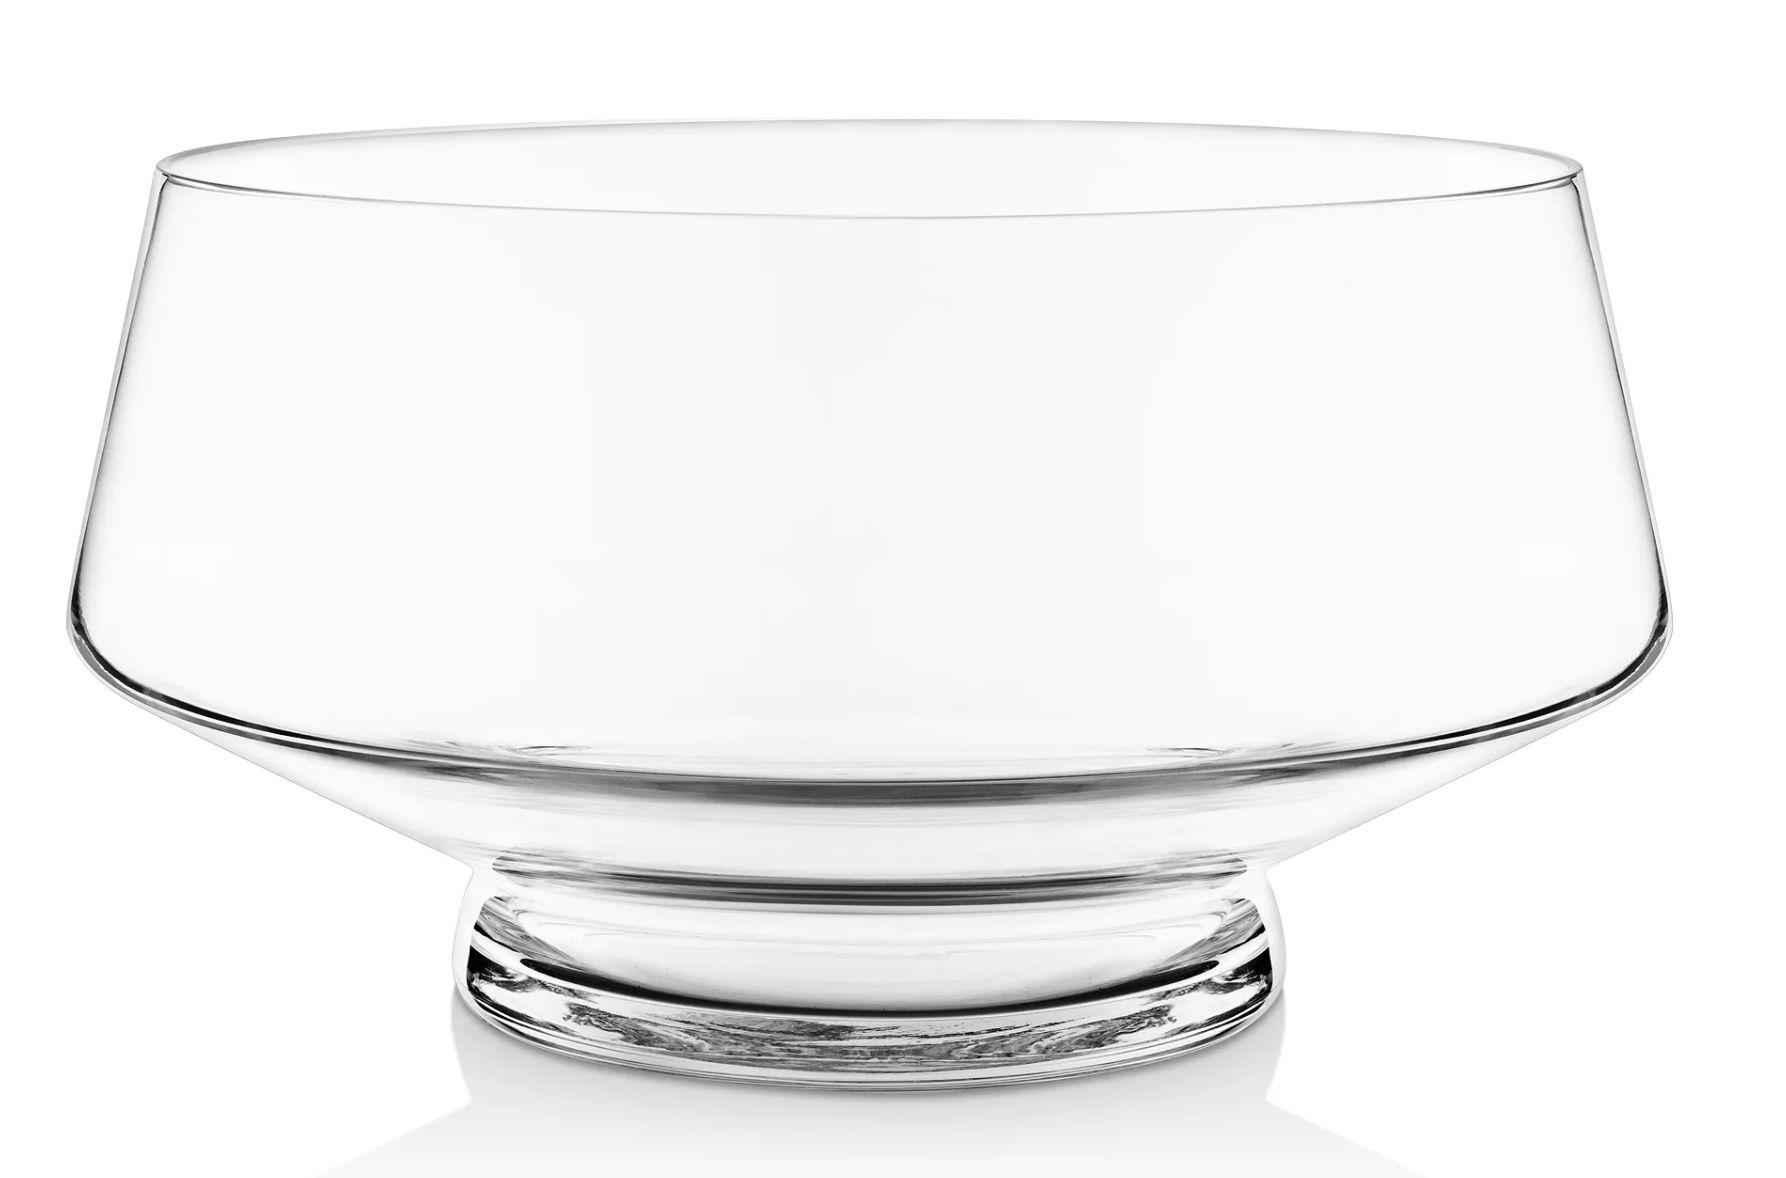 Viski 2.5 Gallon Raye Footed Punch Bowl